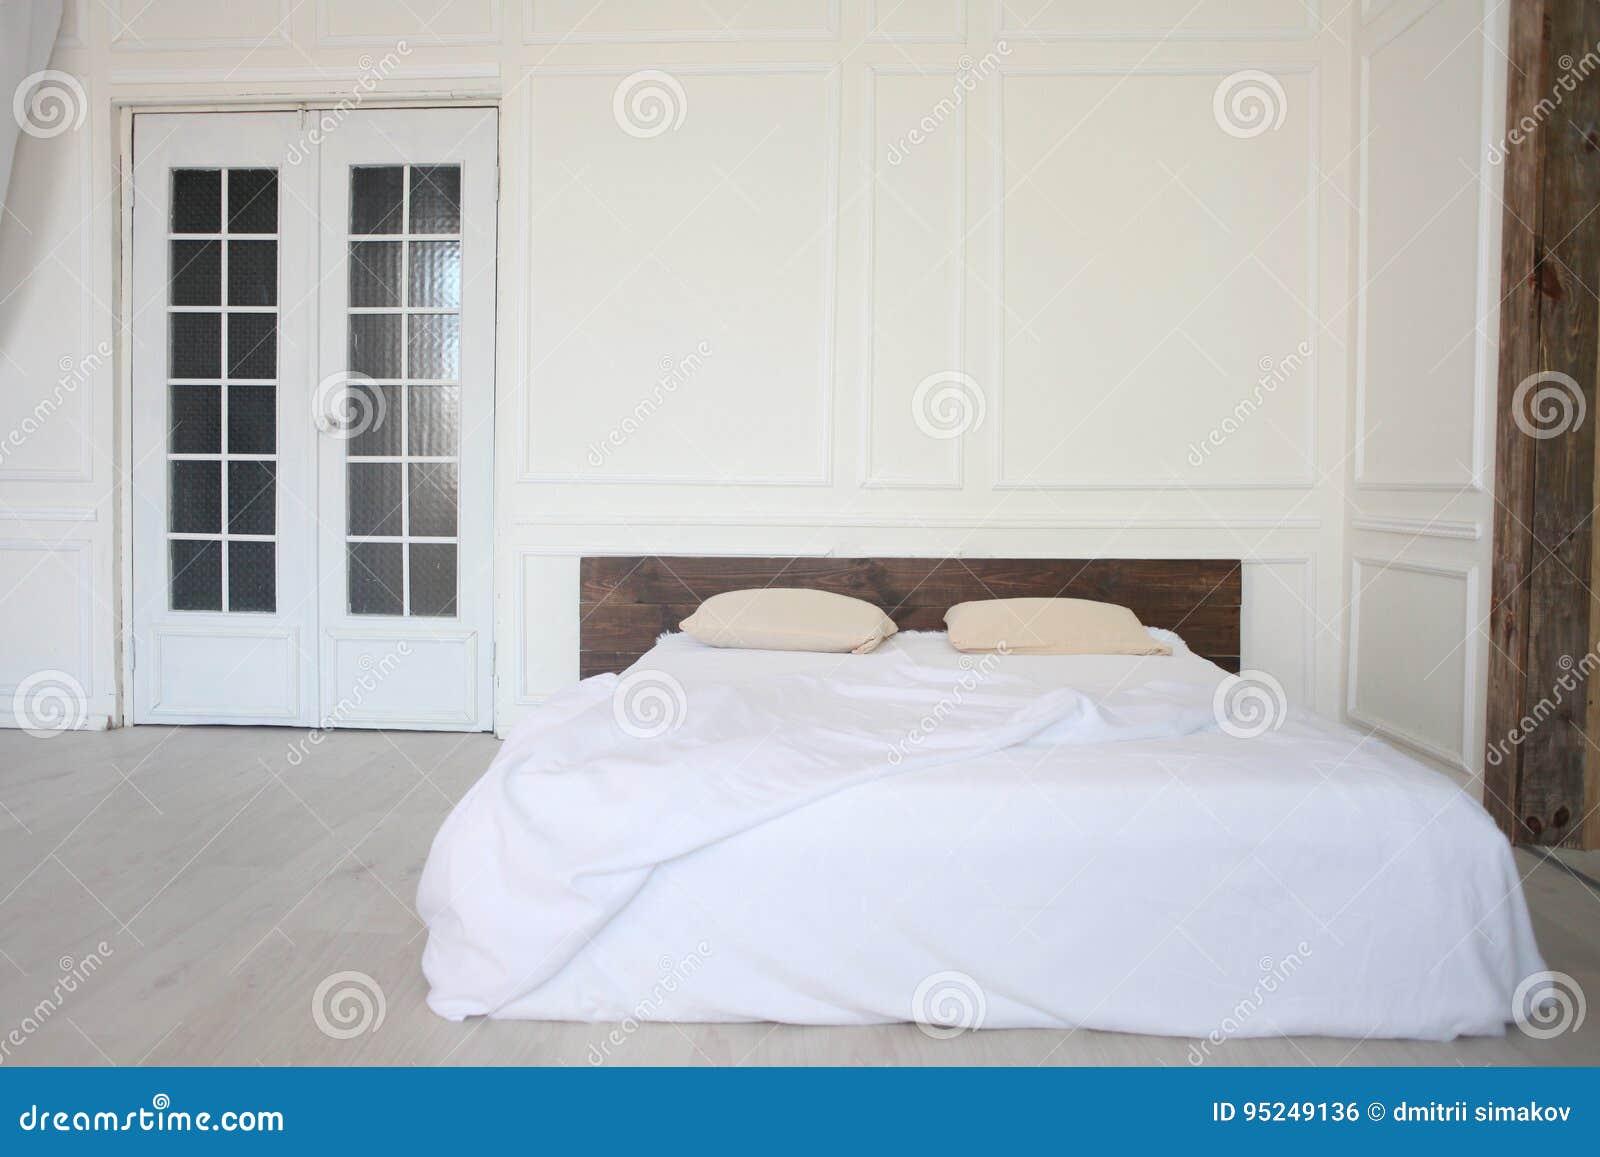 Camera Da Letto Bianca : Annata bianca della tela di mattina del letto della camera da